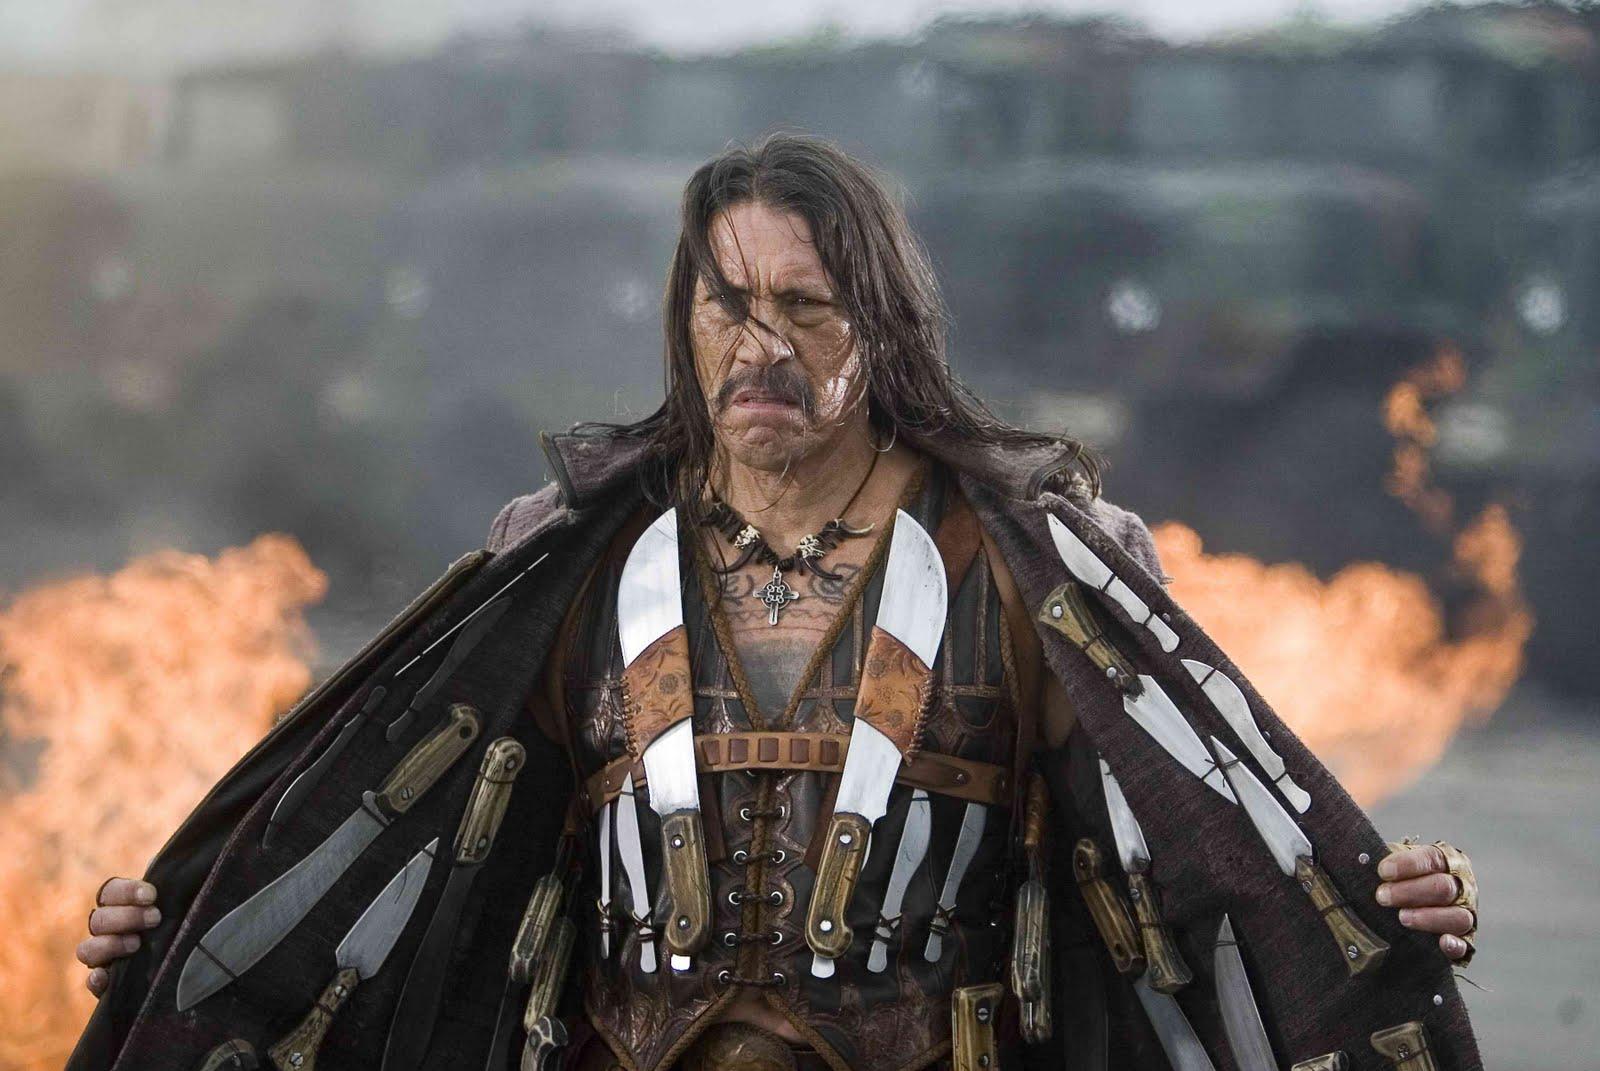 http://2.bp.blogspot.com/-G09Xa2TvsEQ/TgoP7KupQoI/AAAAAAAAAdA/F7m5Uxe96k4/s1600/machete.jpg